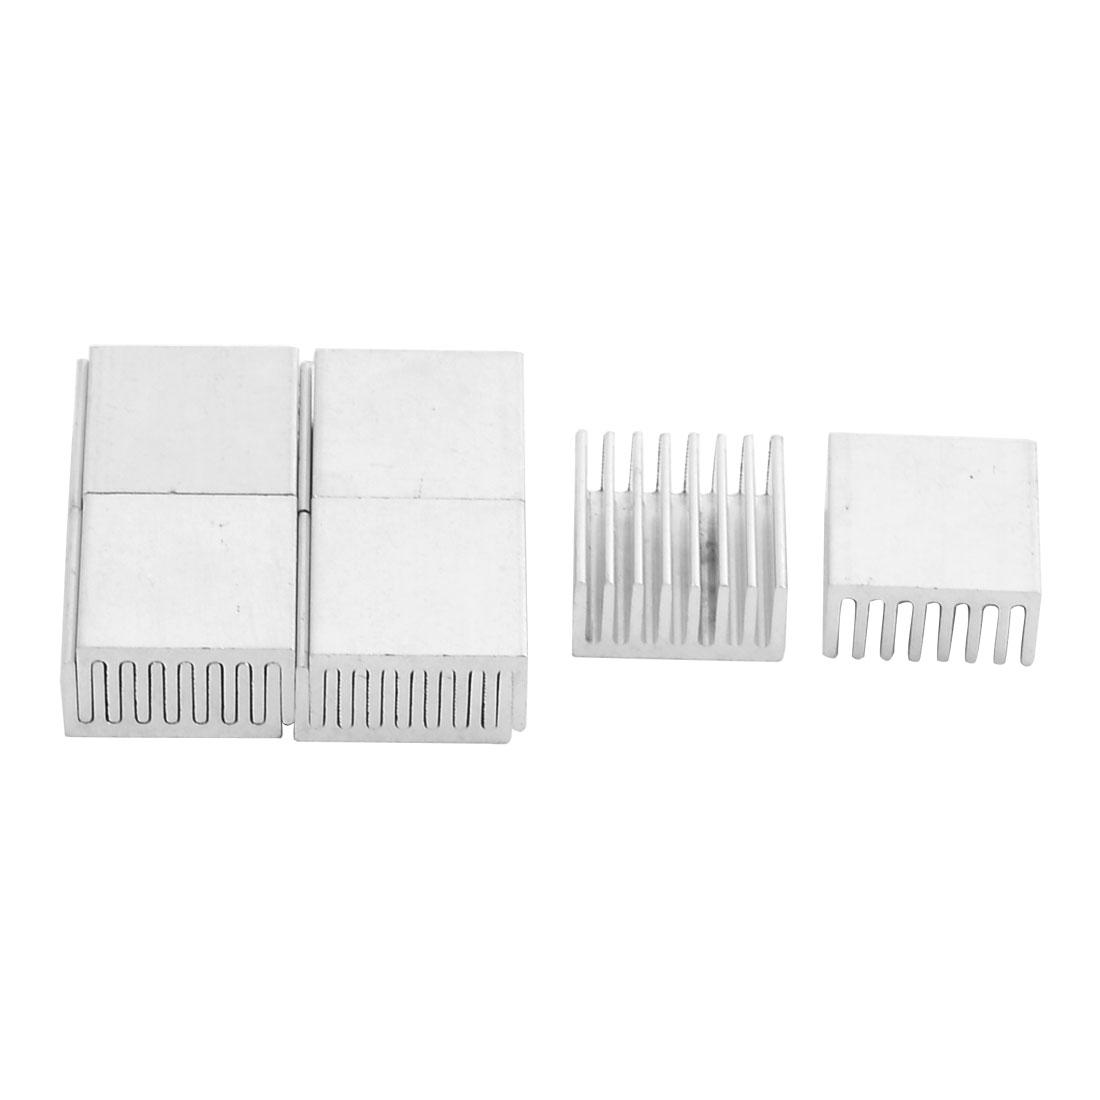 Aluminium Heat Diffuse Cooling Fin Cooler Silver Tone 20mm x 20mm x 10mm 10 Pcs